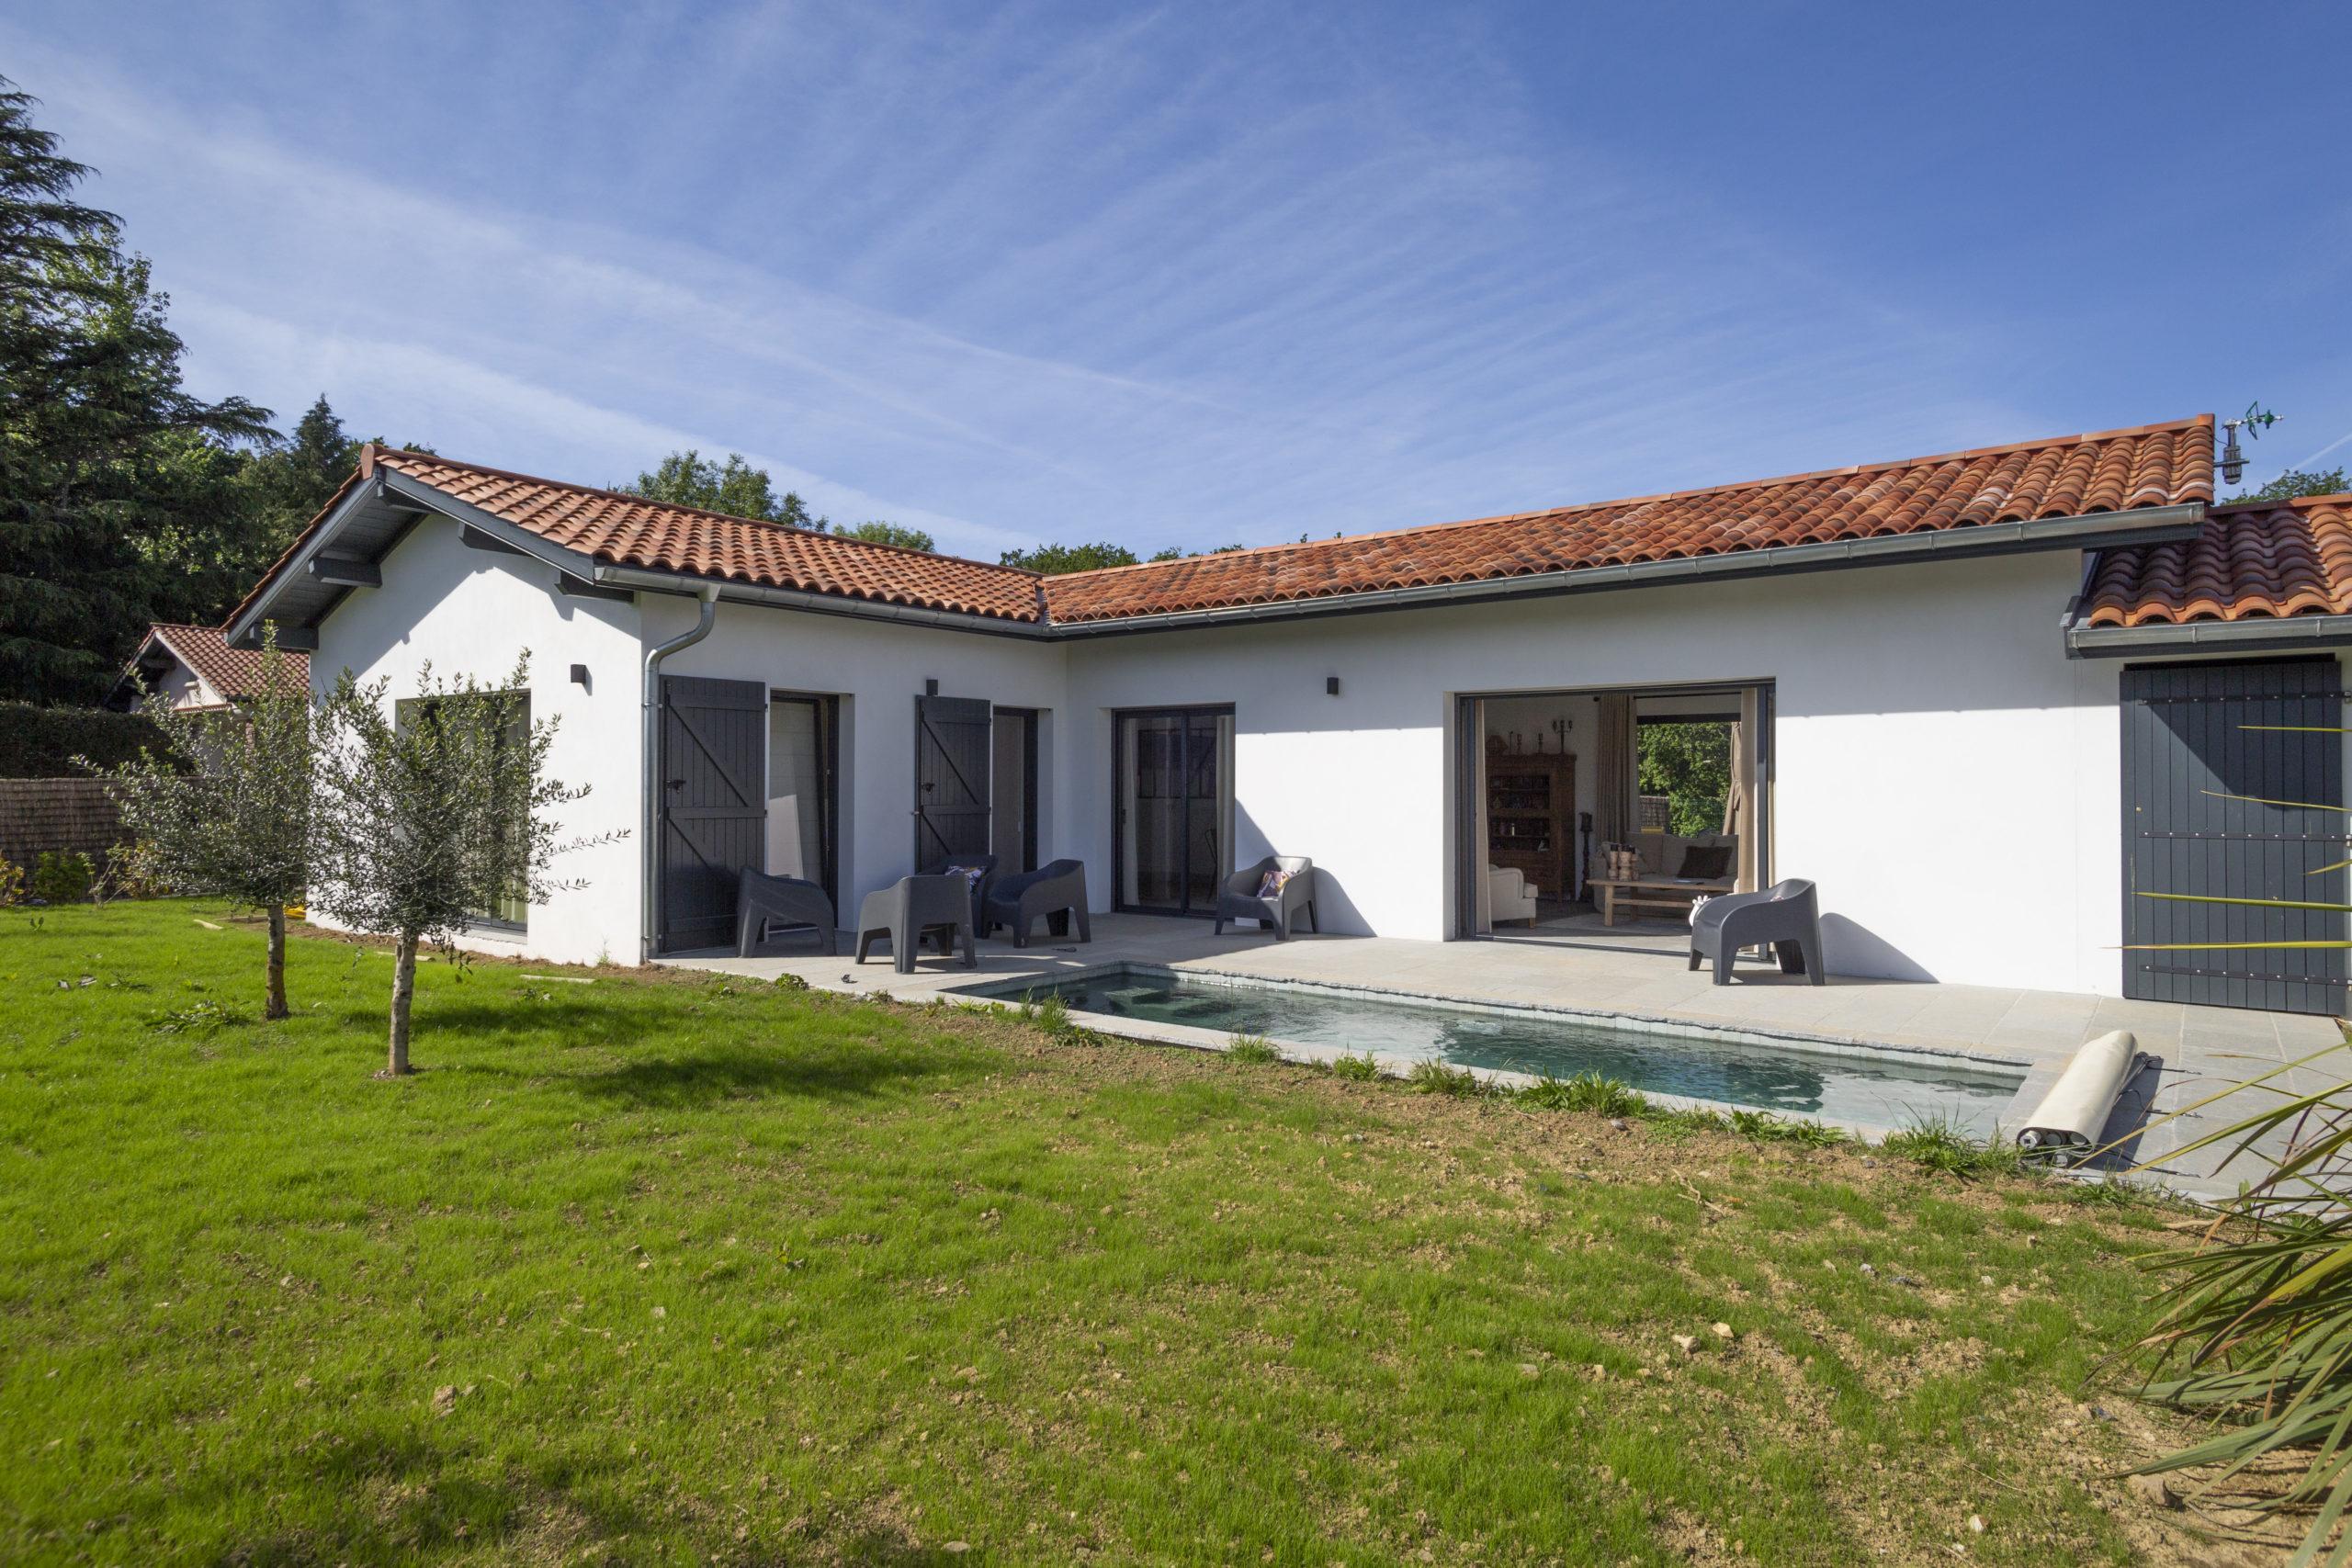 Atelier-Plurielles-Architectures-Construction maison Basque à Hendaye- jardin